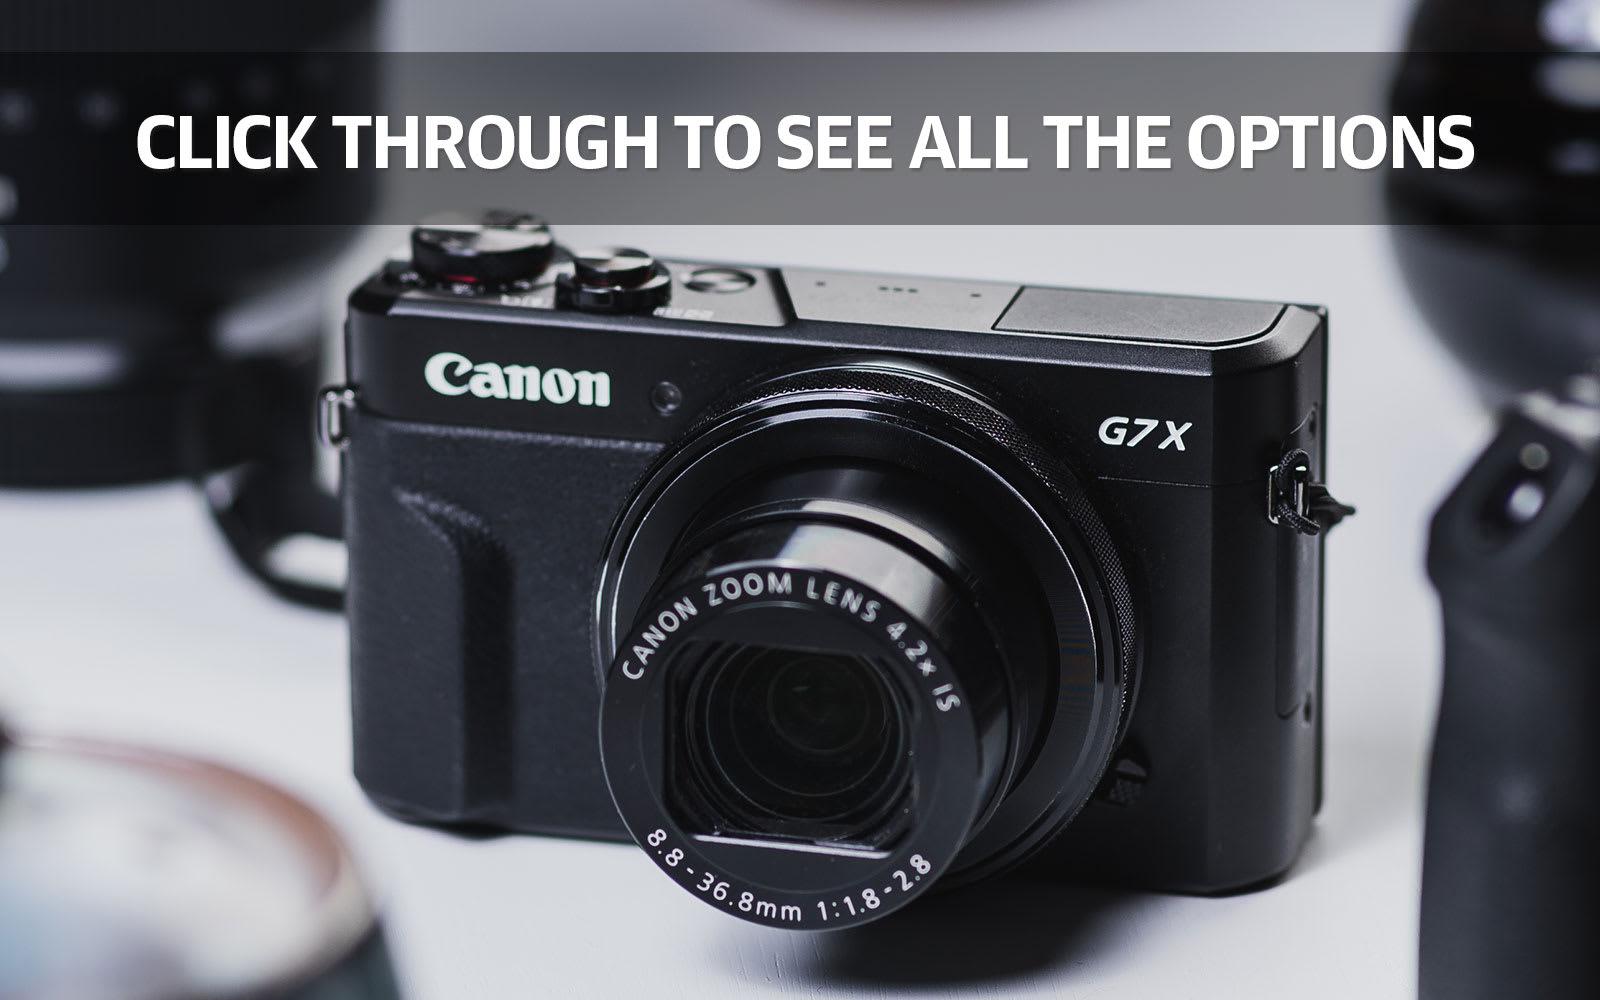 companion camera